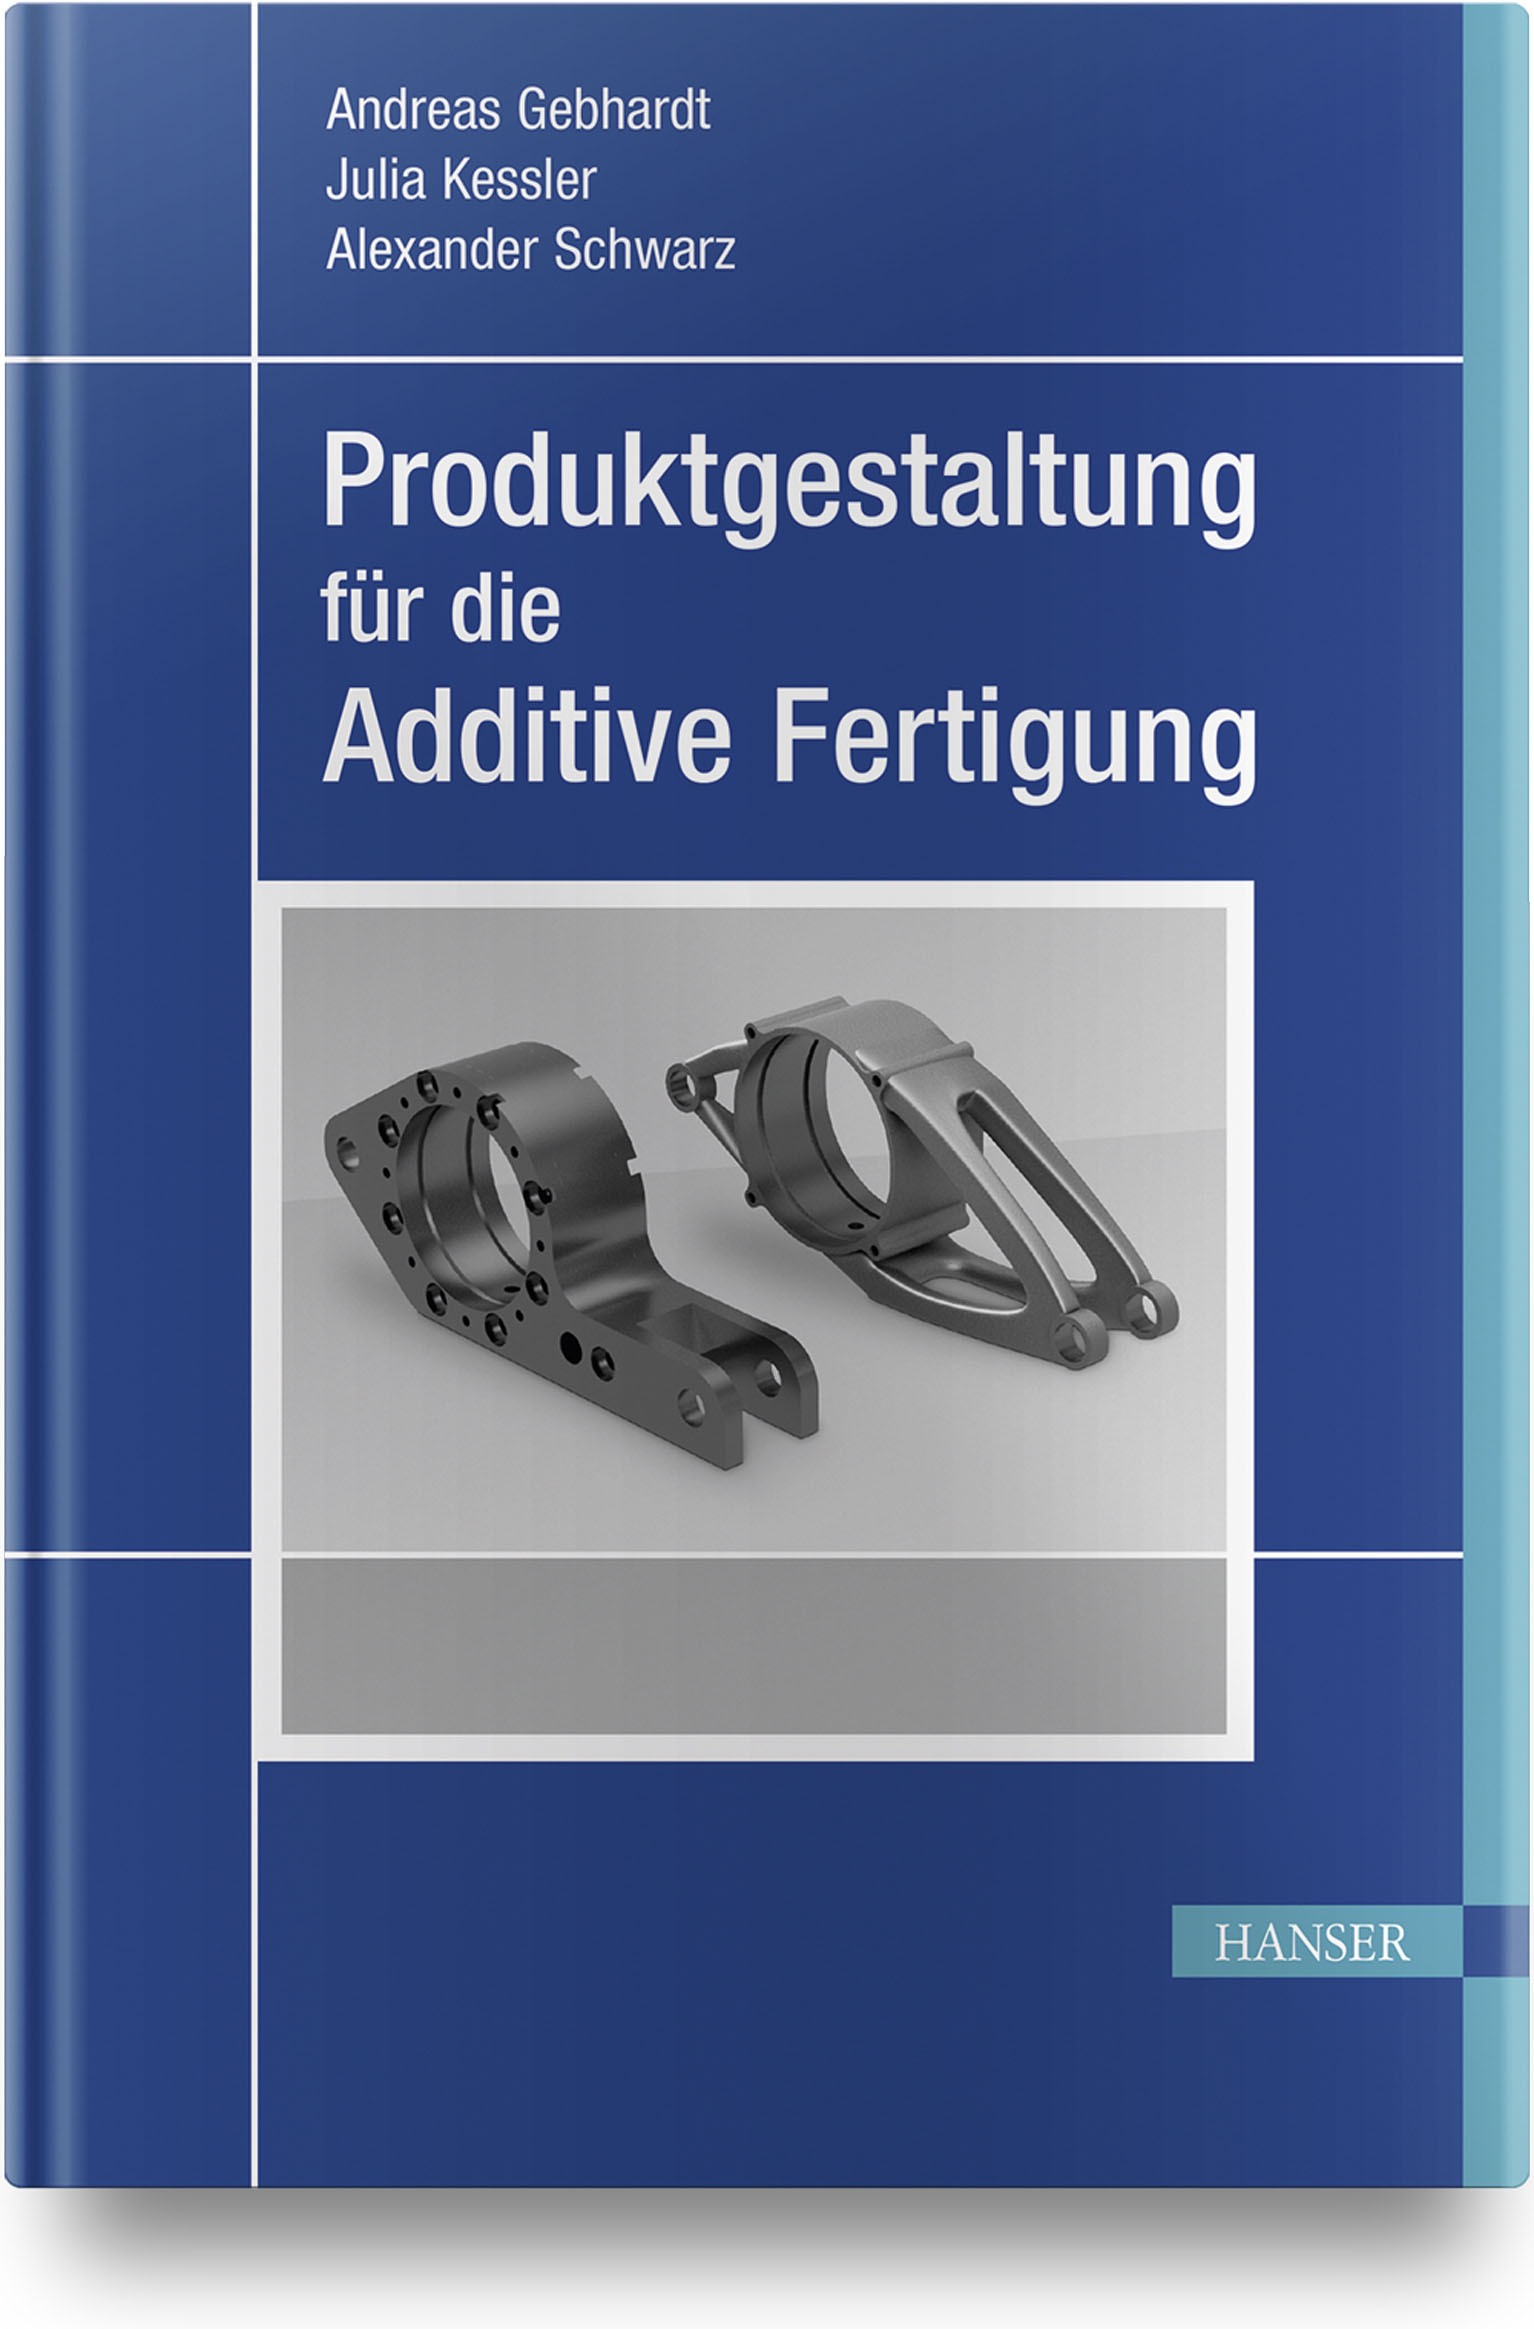 Gebhardt, Schwarz, Produktgestaltung für die Additive Fertigung, 978-3-446-45285-5